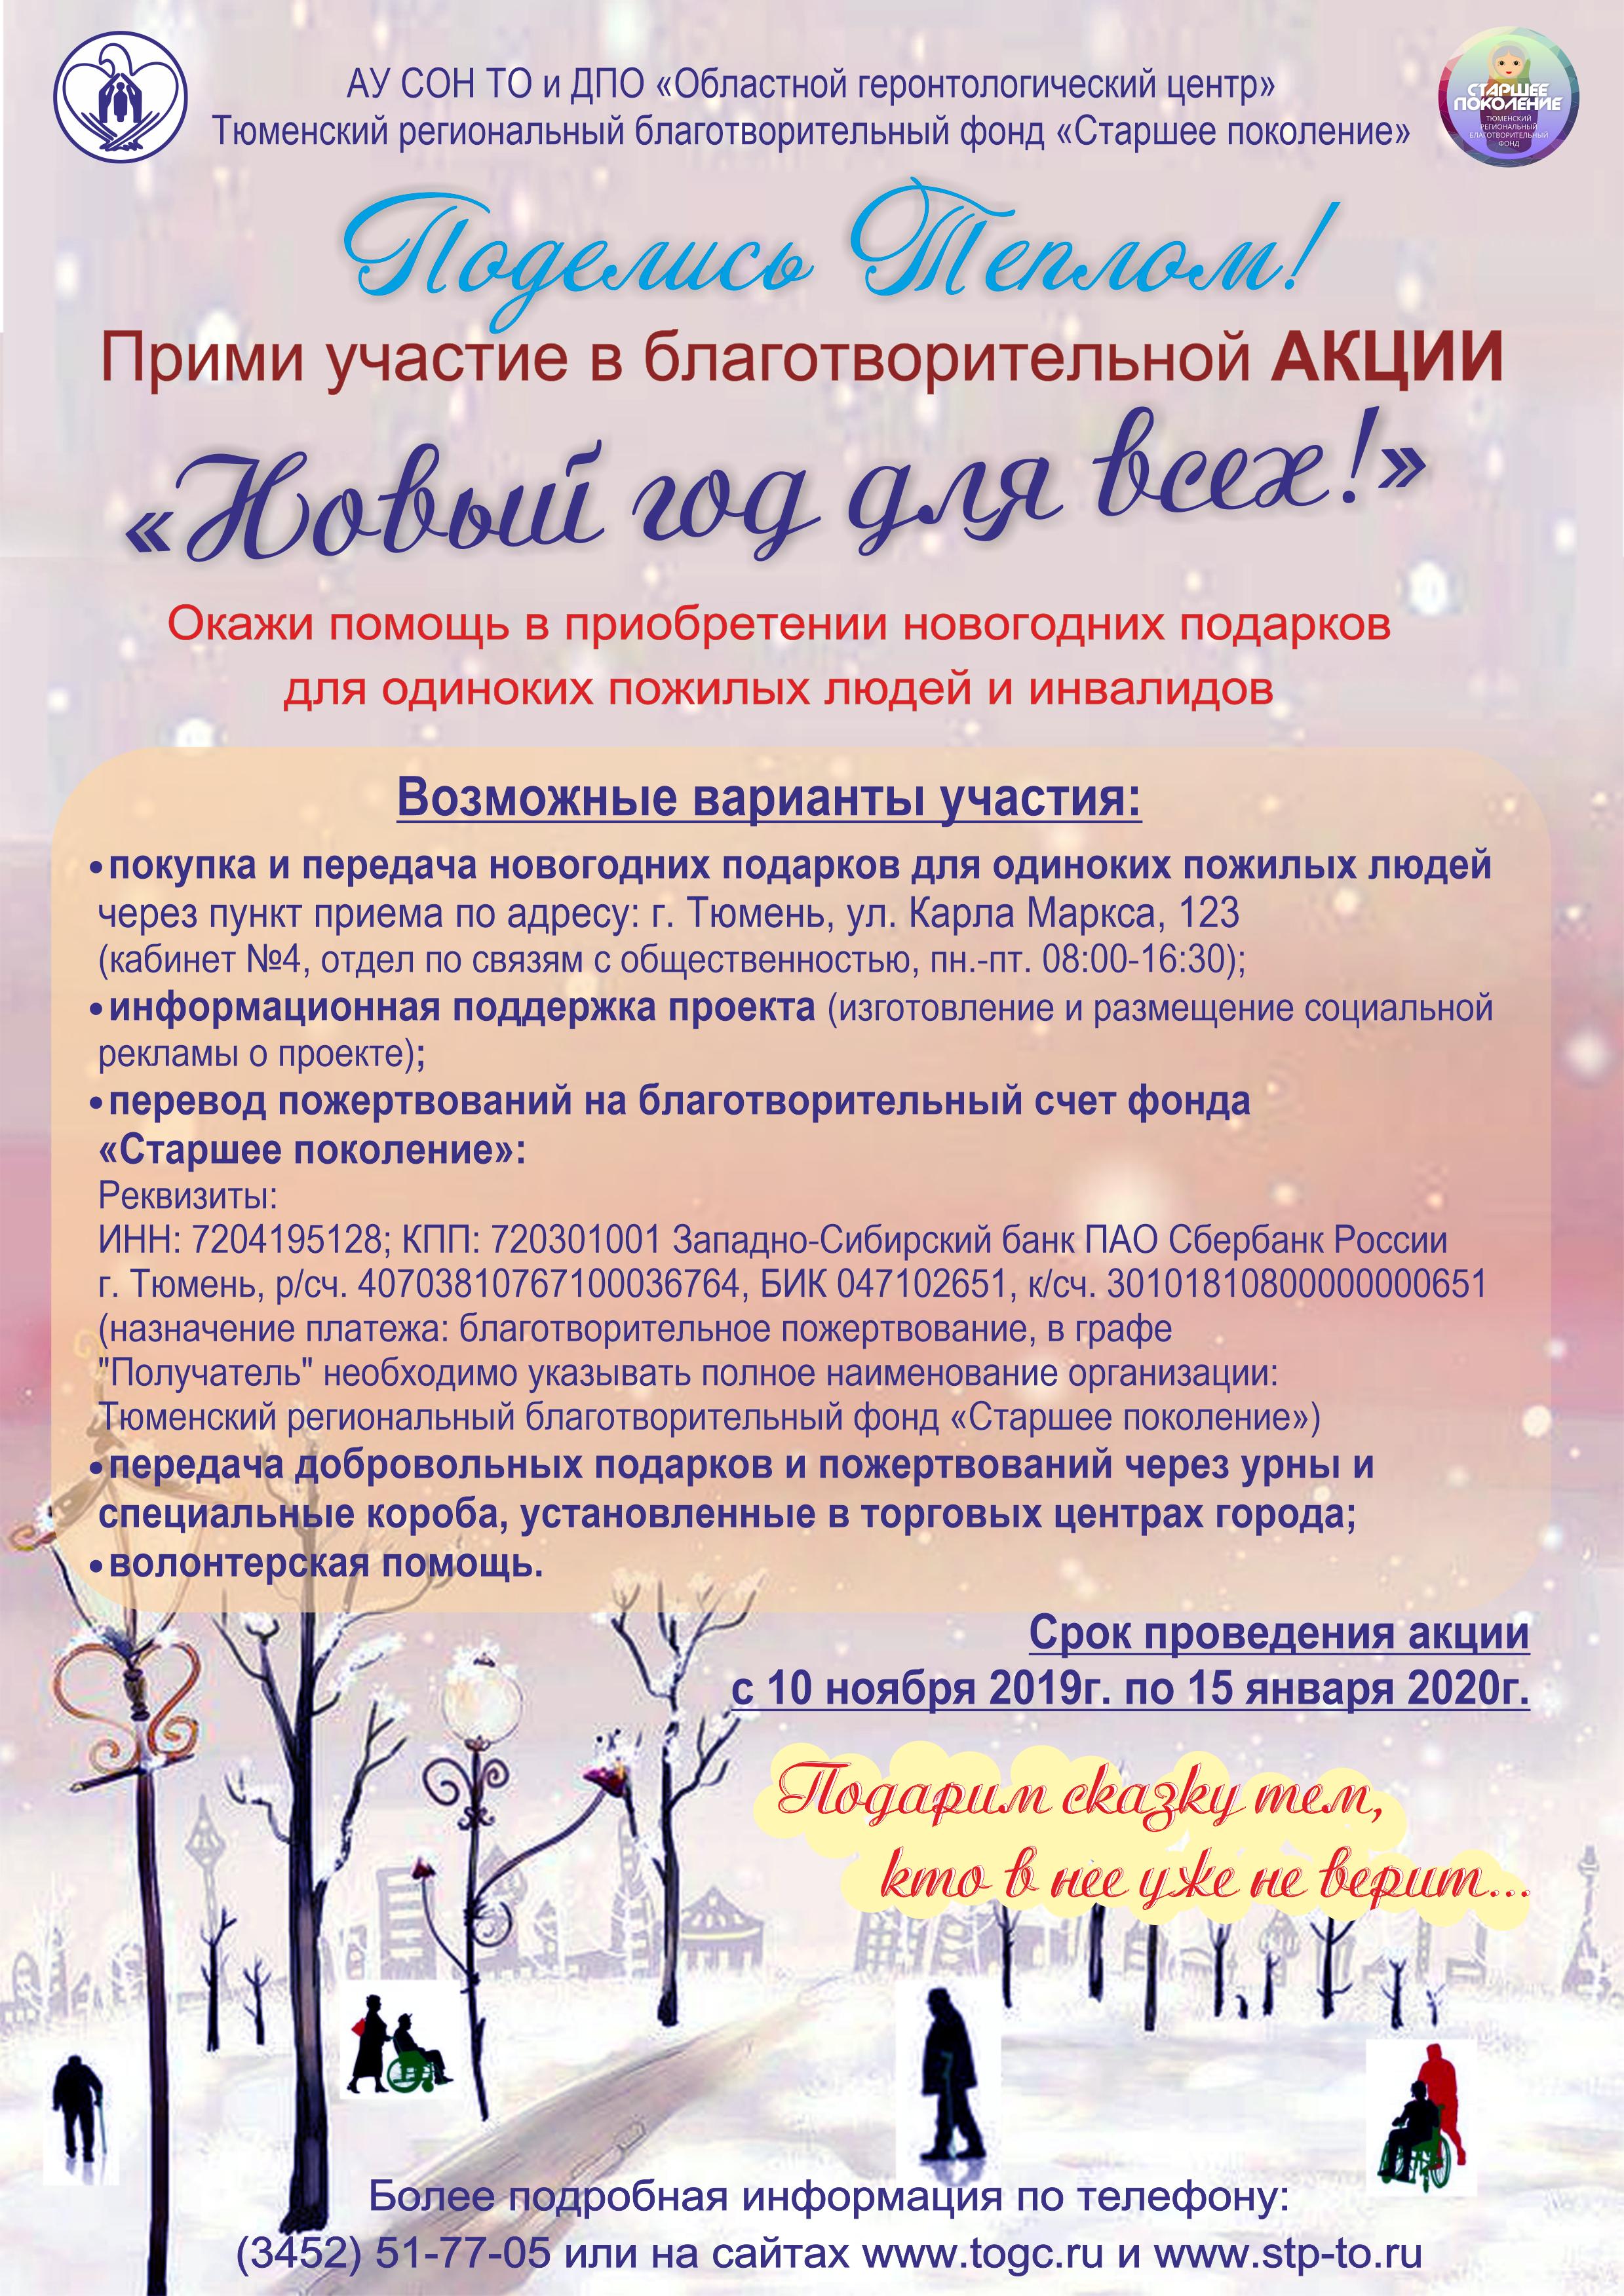 западно-сибирский банк пао сбербанк россии г.тюмень реквизиты сбербанк официальный сайт вклады 2020 на сегодня 10 процентов